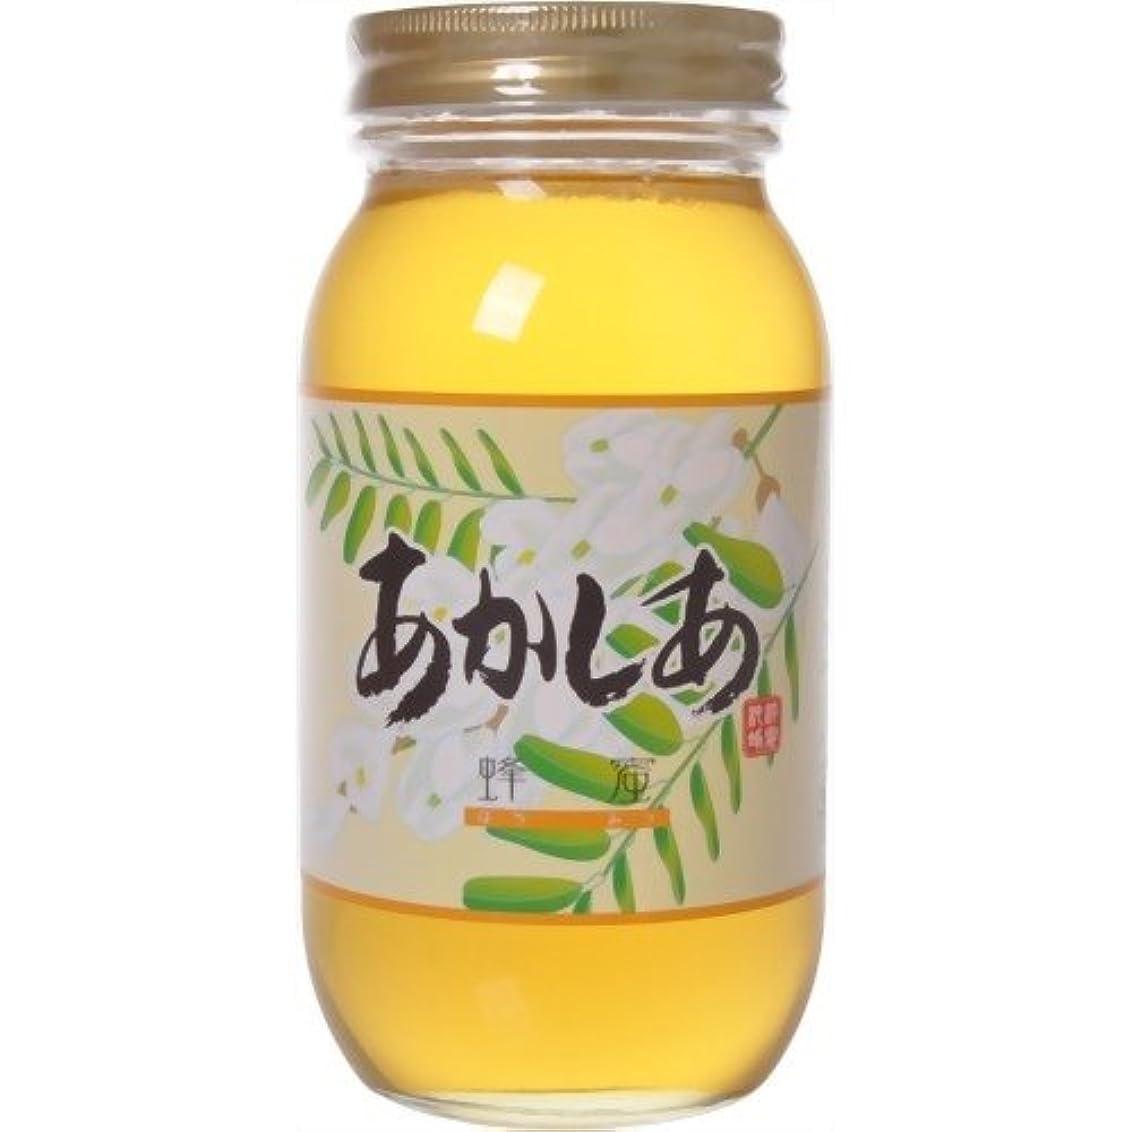 割る調停するトラブル藤井養蜂場 中国産アカシアはちみつ 1kg